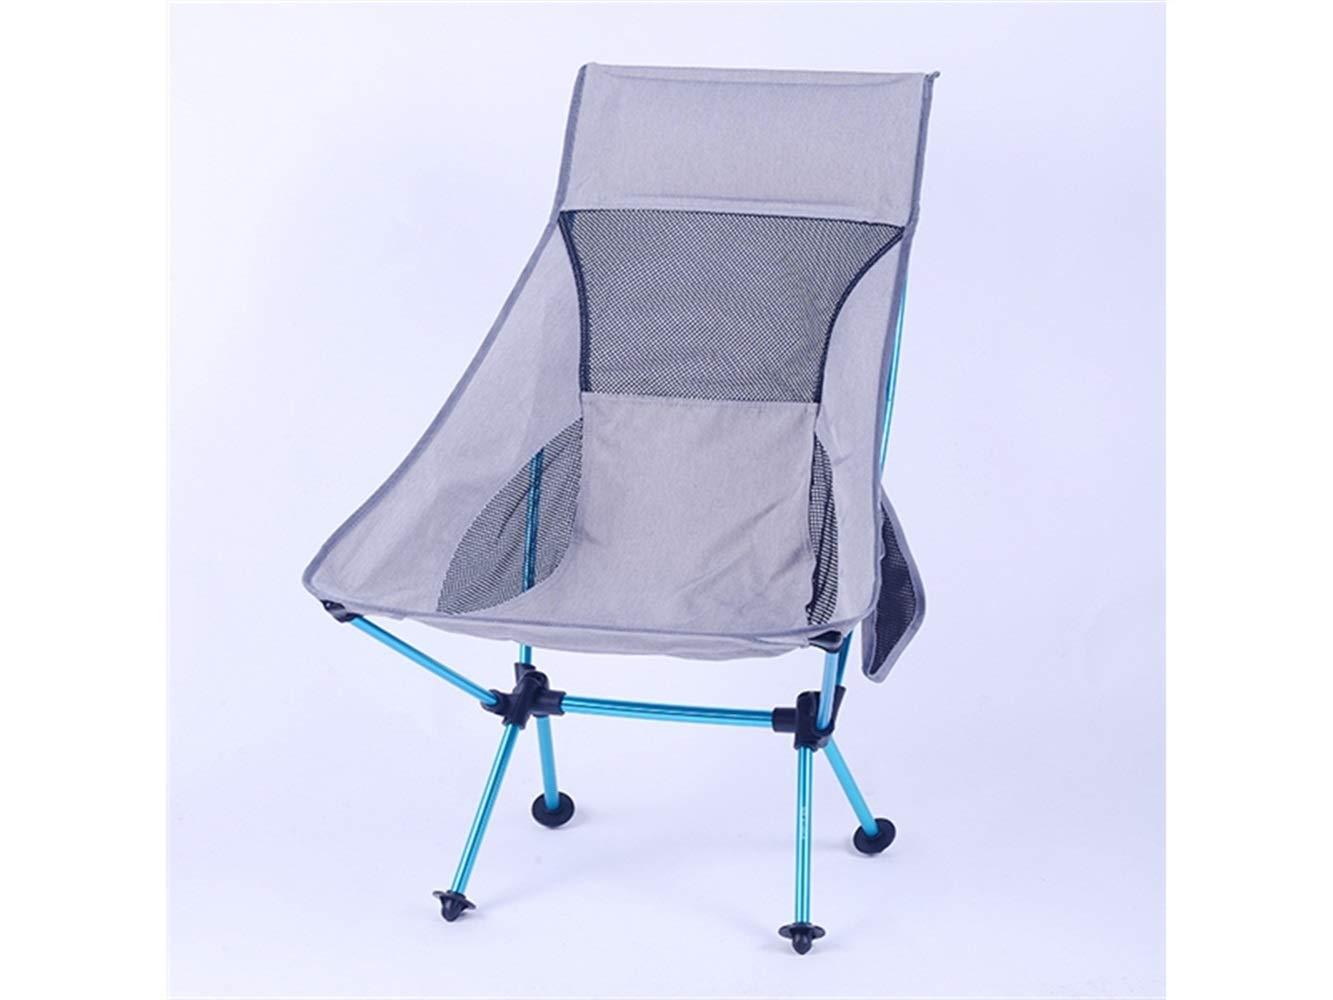 LMKIJN Bequemer Stuhl Outdoor-Klapp Angeln Stuhl Liege Camping Stuhl Strand Liege für Camping und Angeln für den Urlaub